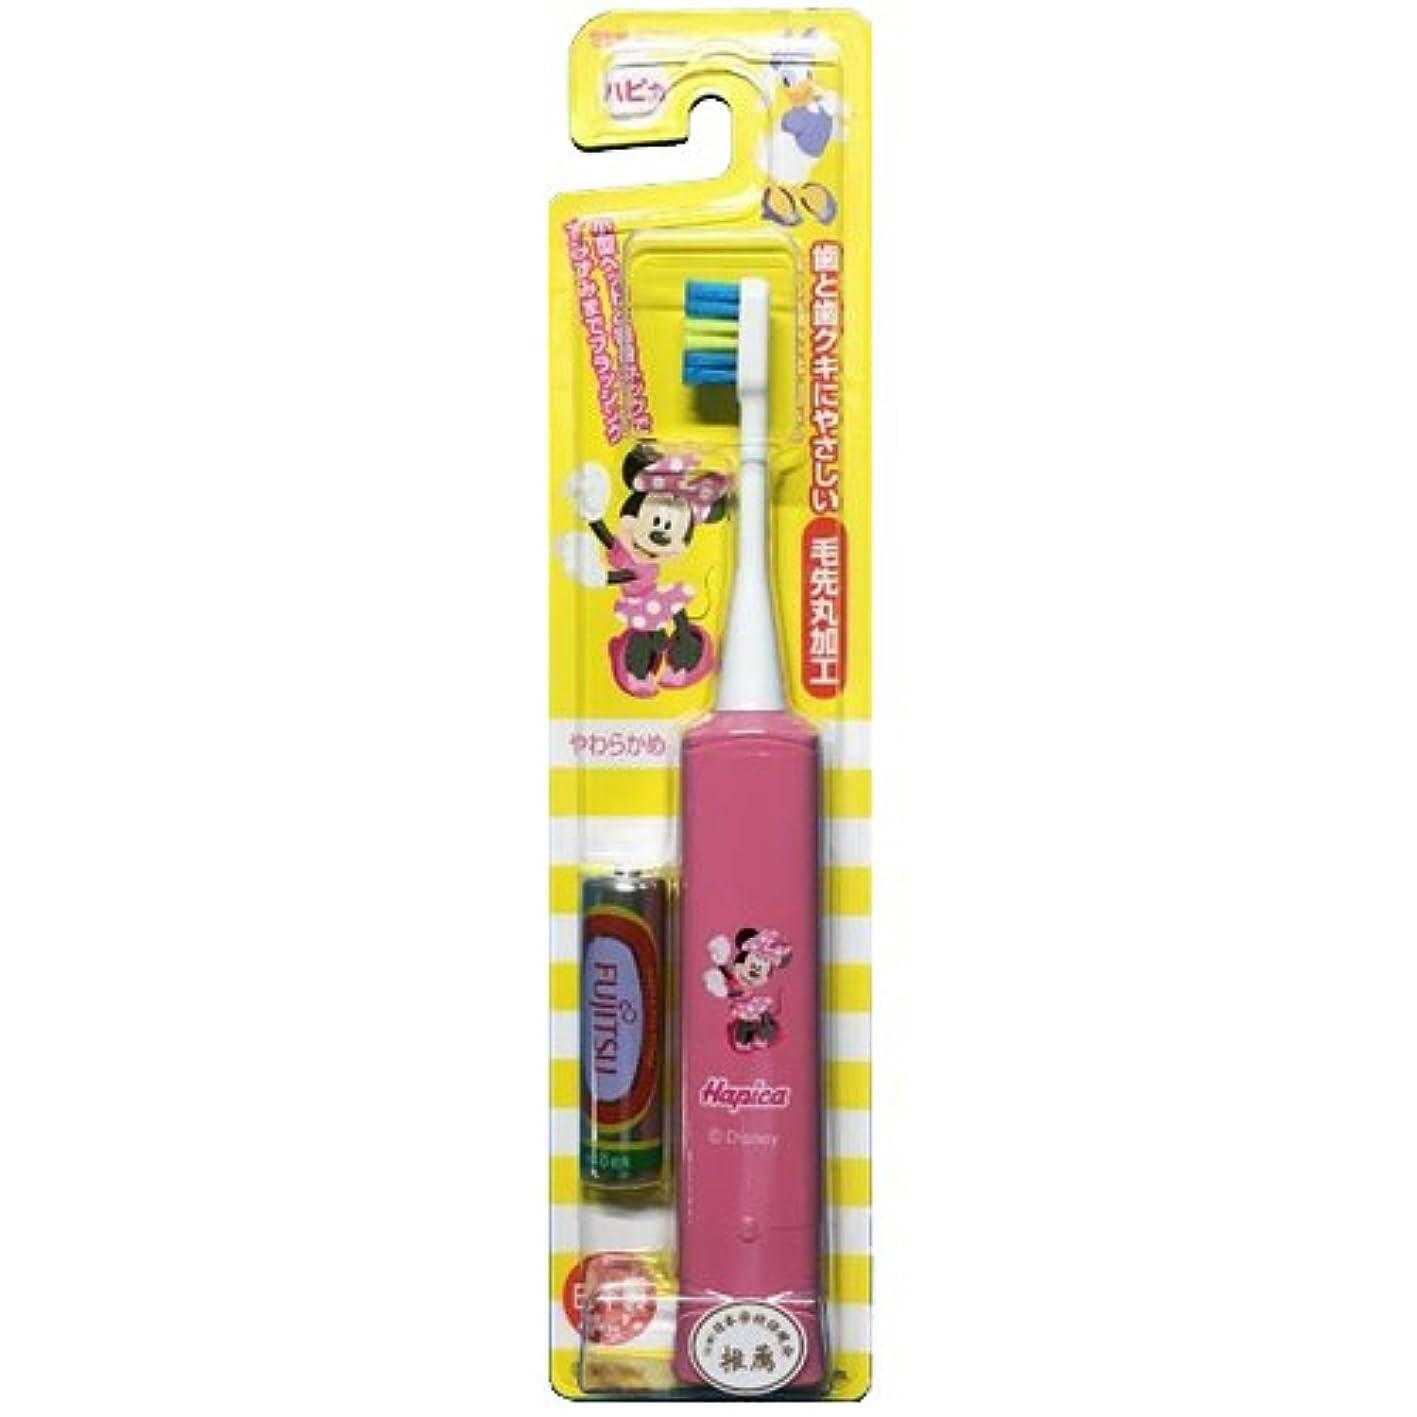 農学カロリー活気づけるミニマム 電動付歯ブラシ こどもハピカ ミニー(ピンク) 毛の硬さ:やわらかめ DBK-5P(MK)